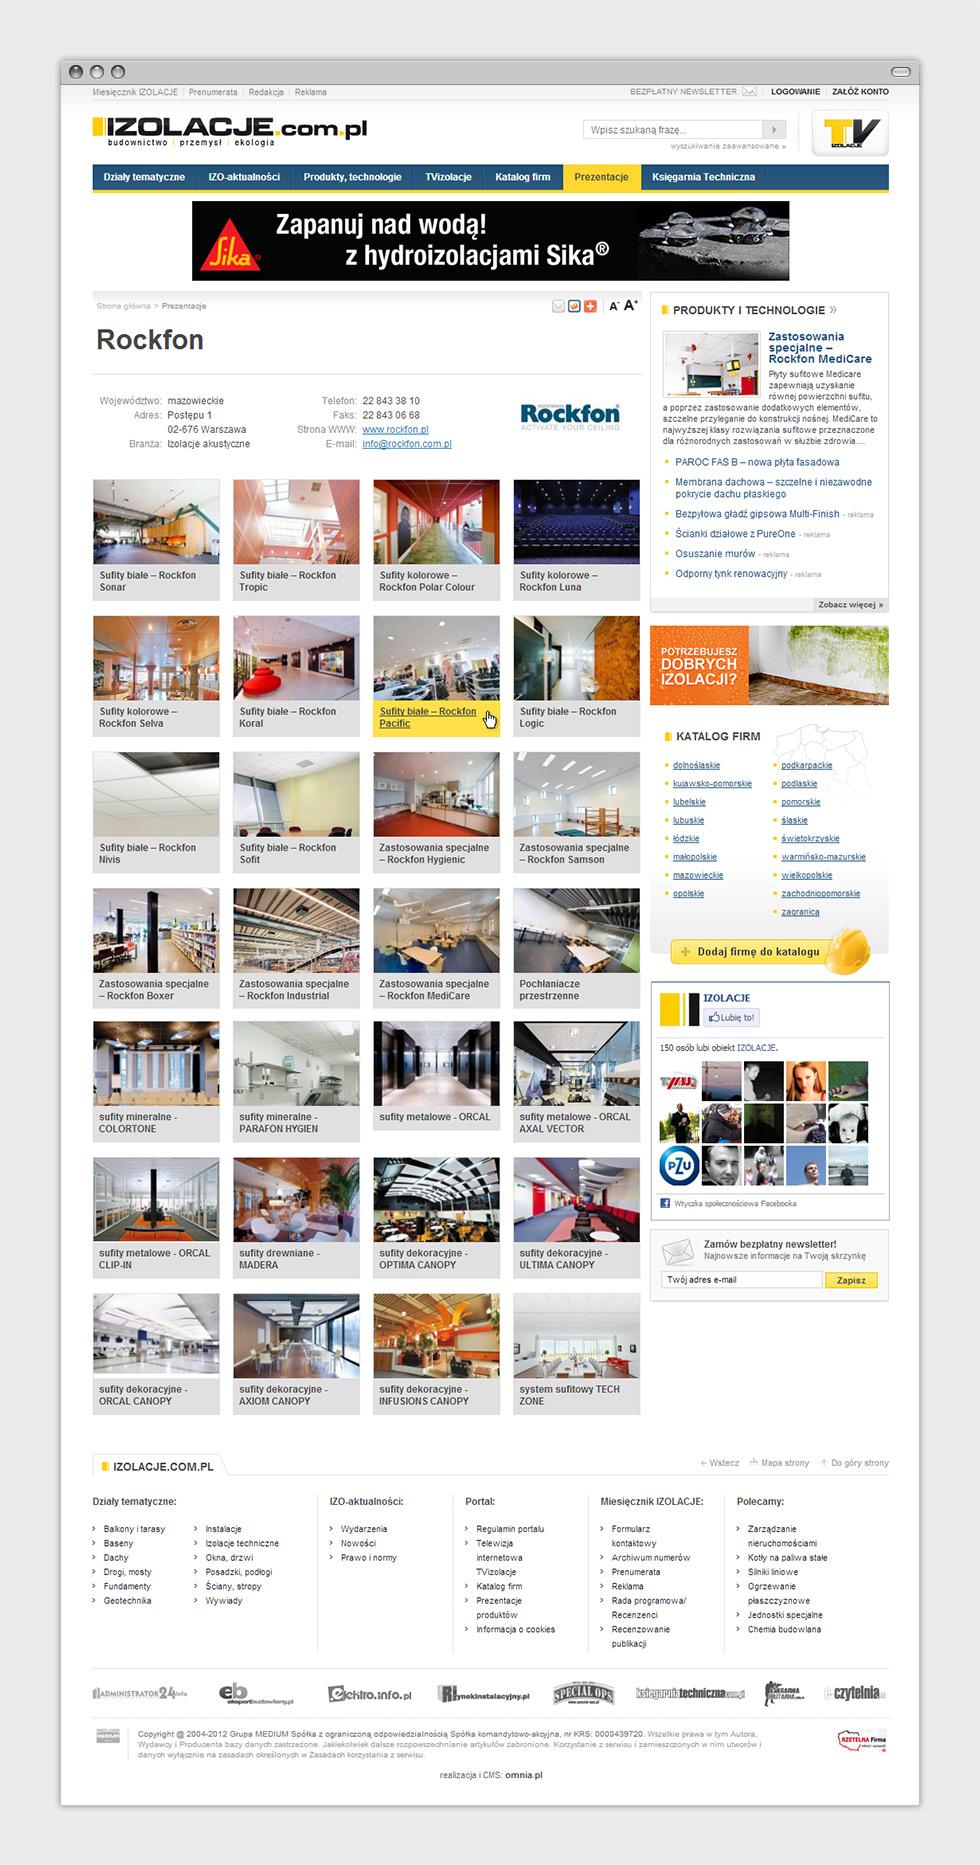 Portal internetowy miesięcznika budowlanego Izolacje. Podstrona prezentacji produktów sponsorowanych.